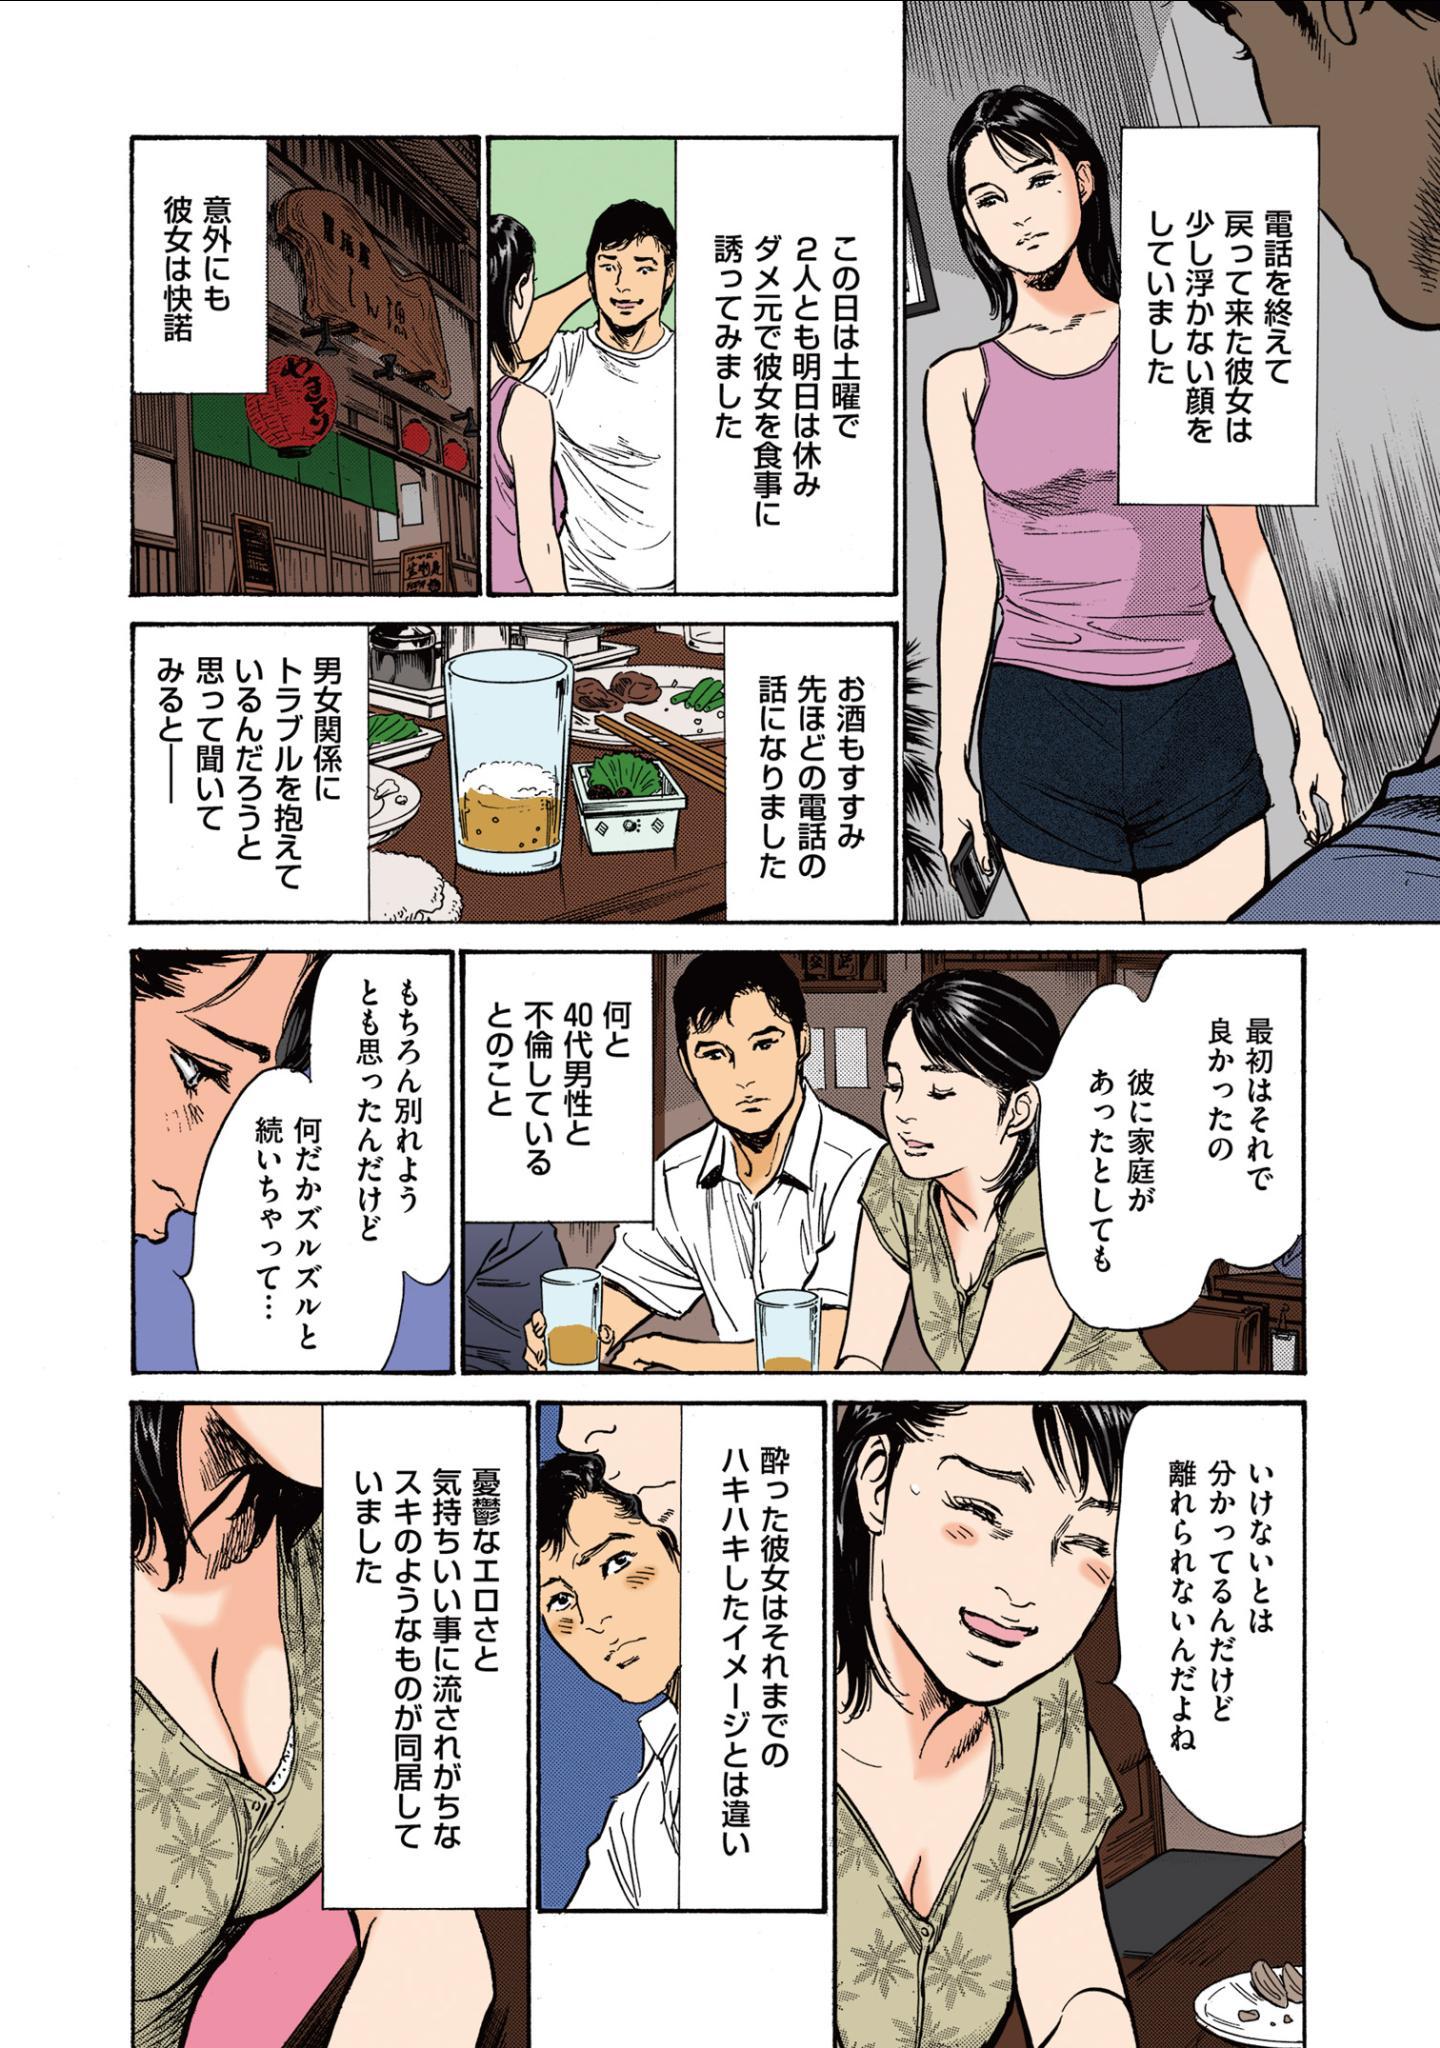 [Hazuki Kaoru] Hazuki Kaoru no Tamaranai Hanashi (Full Color Version) 1-2 23